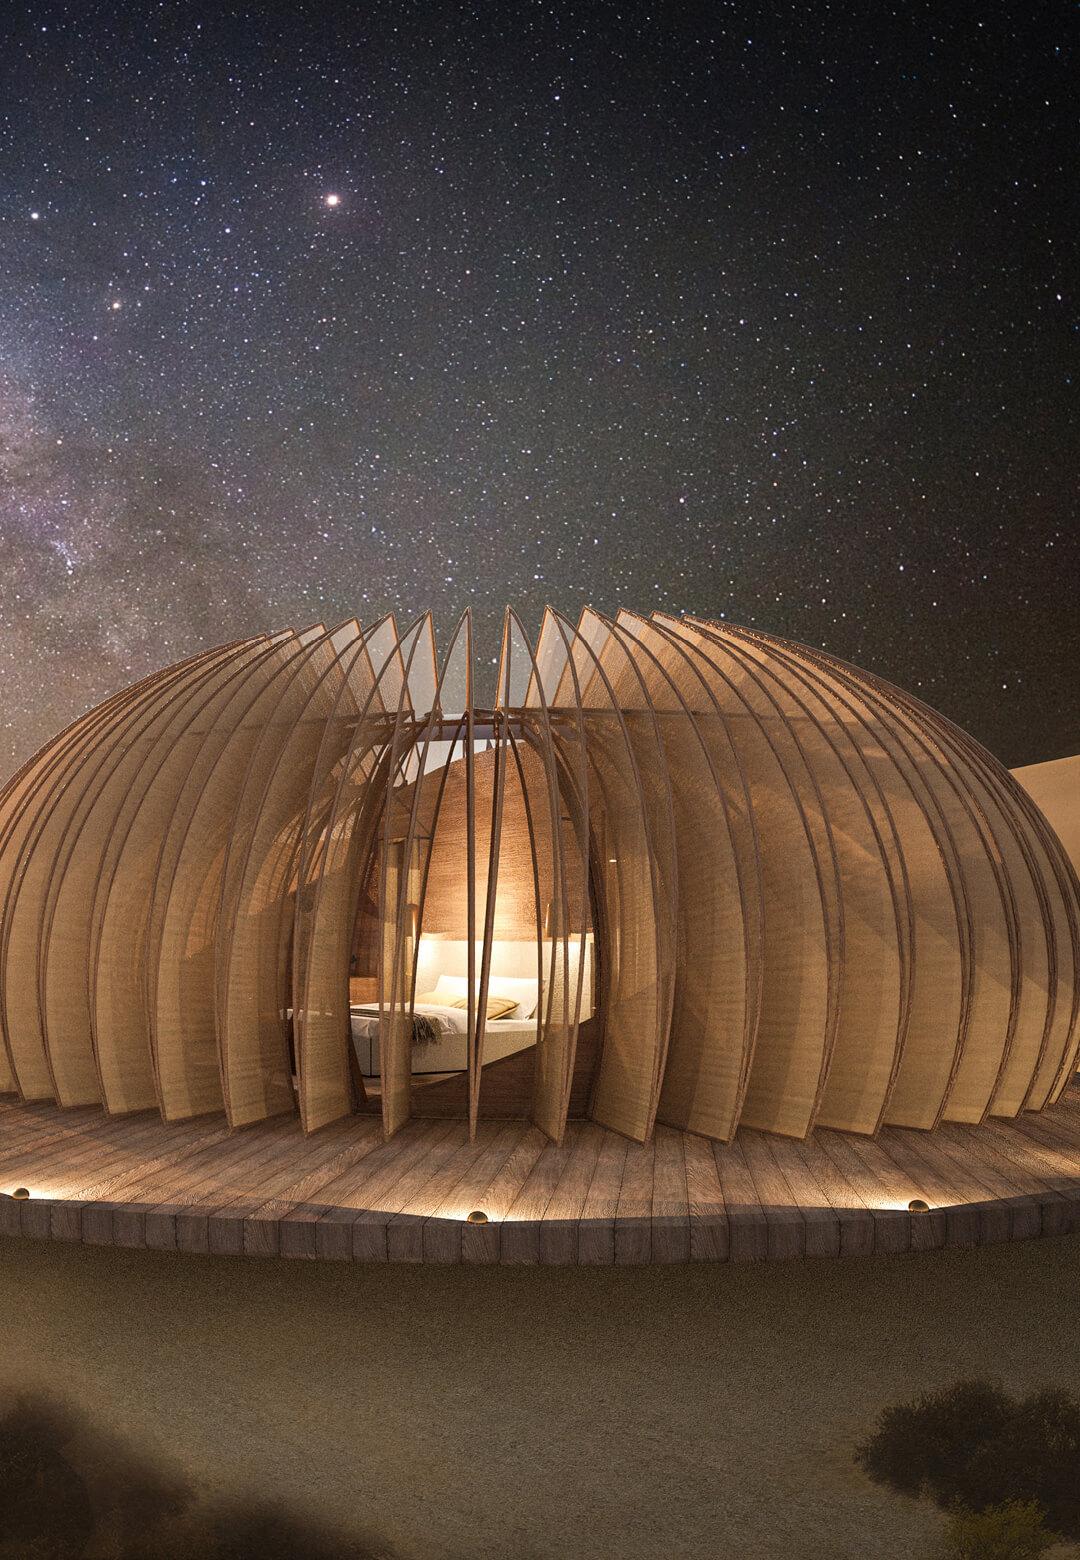 The Rub' al Khali Oculus by AIDIA STUDIO | STIRworld